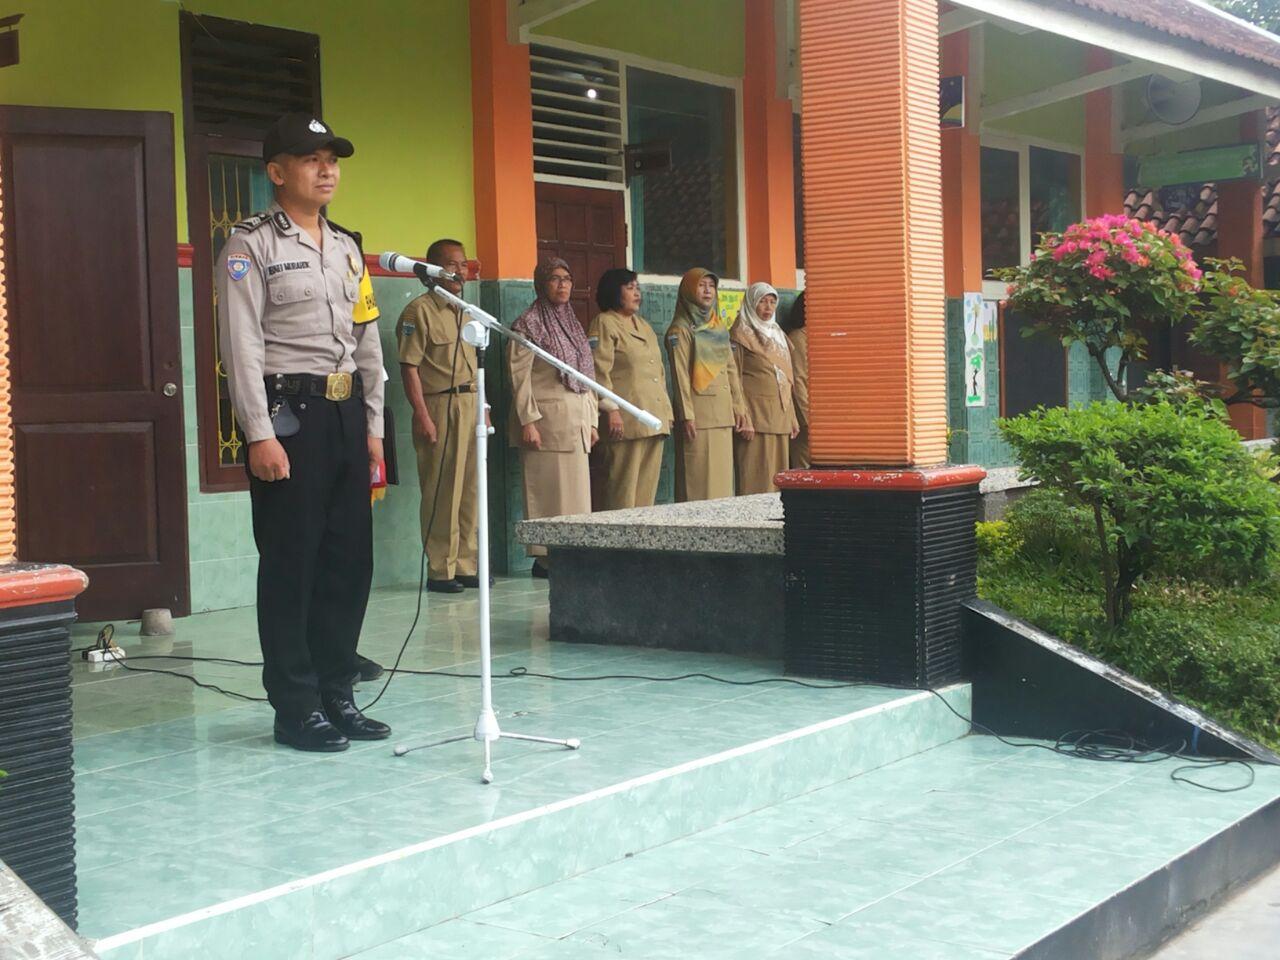 BabinKamtibmas Desa Pendem Polsek junrejo Polres Batu Menjadi Inspektur Upacara Di Sekolah.